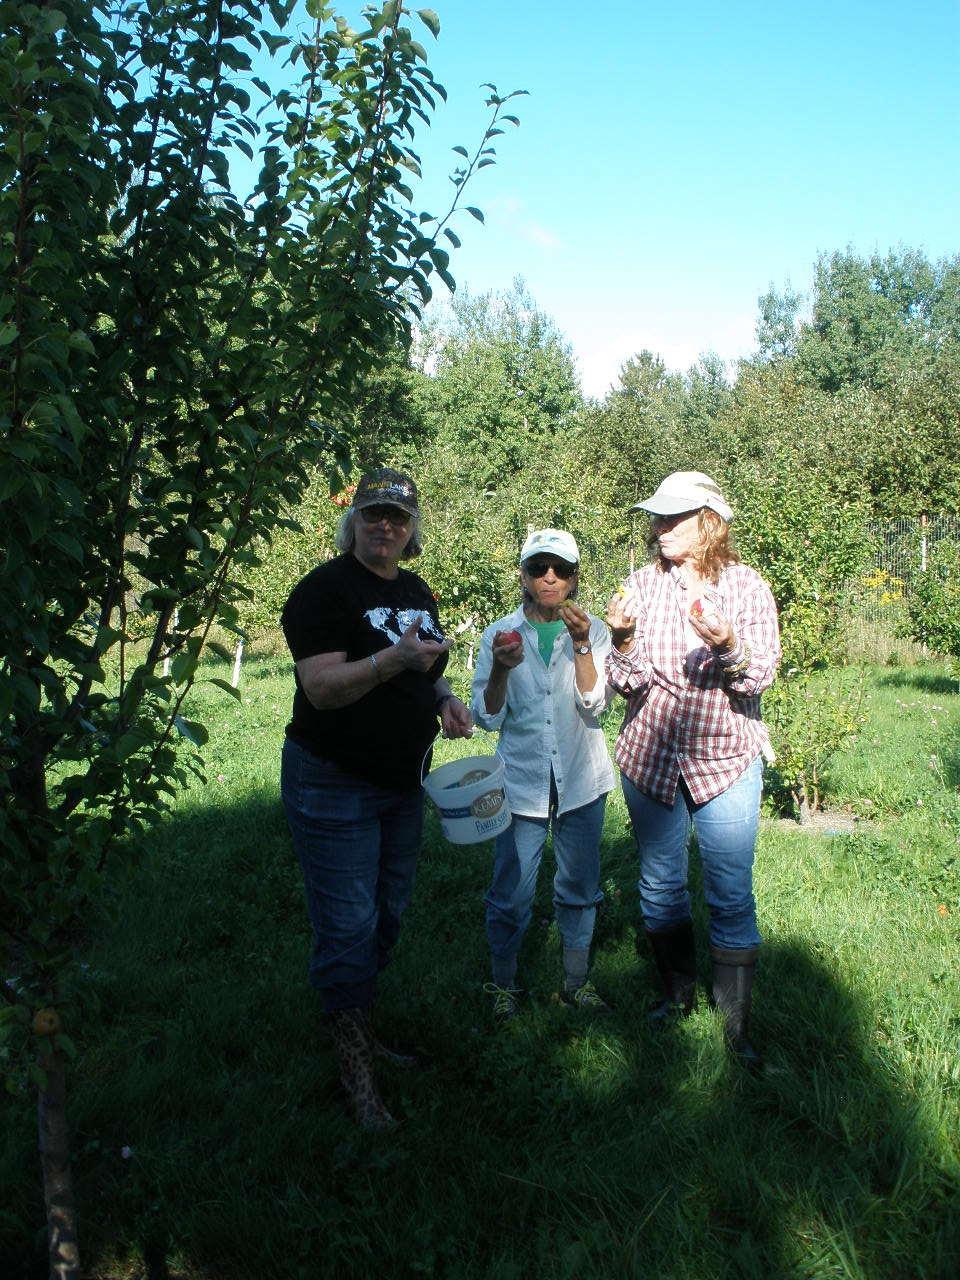 1a Darla Van Heerde, Eileen Schantz-Hansen & Gail Bong - orchard.JPG